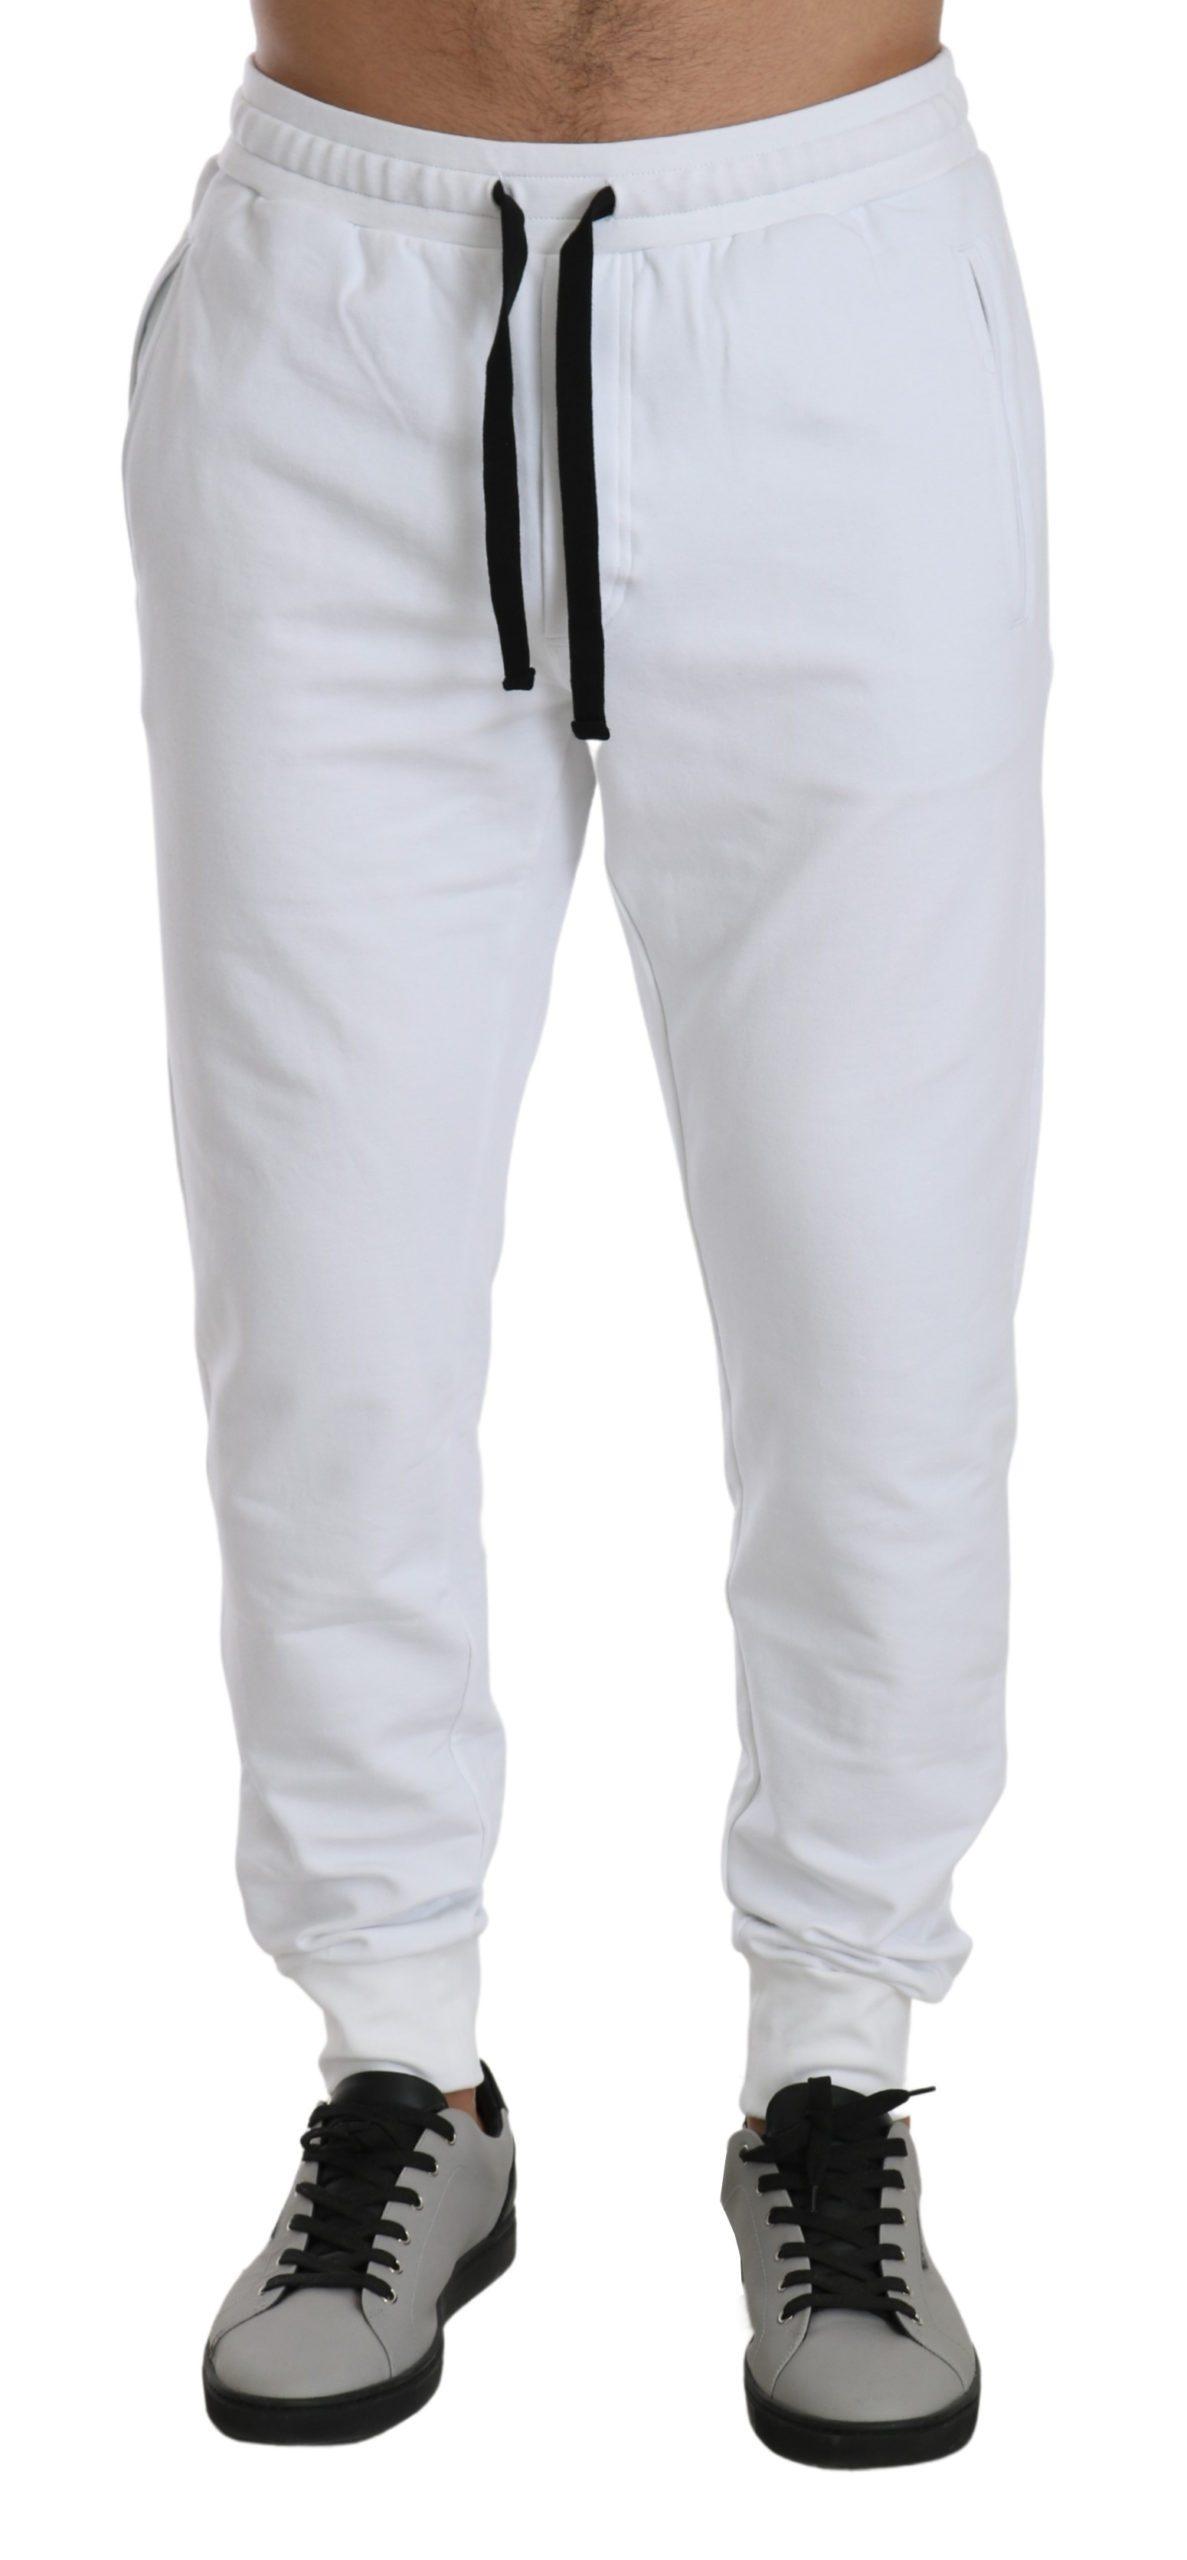 Dolce & Gabbana Men's Crown Jogging Cotton Trouser White PAN71427 - IT50 | L